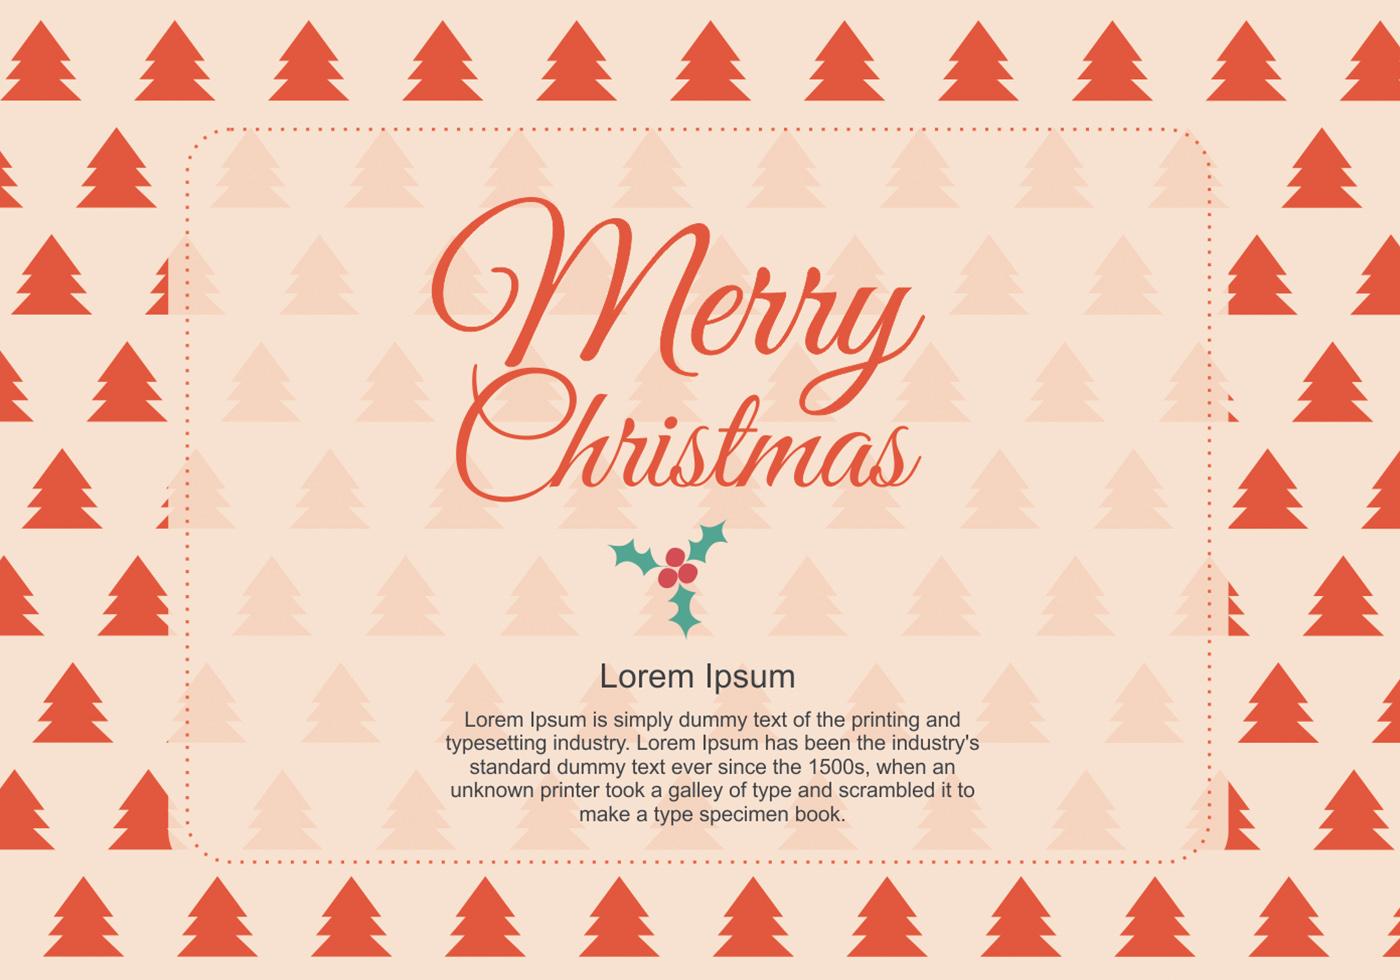 聖誕字體 免費下載 | 天天瘋後製